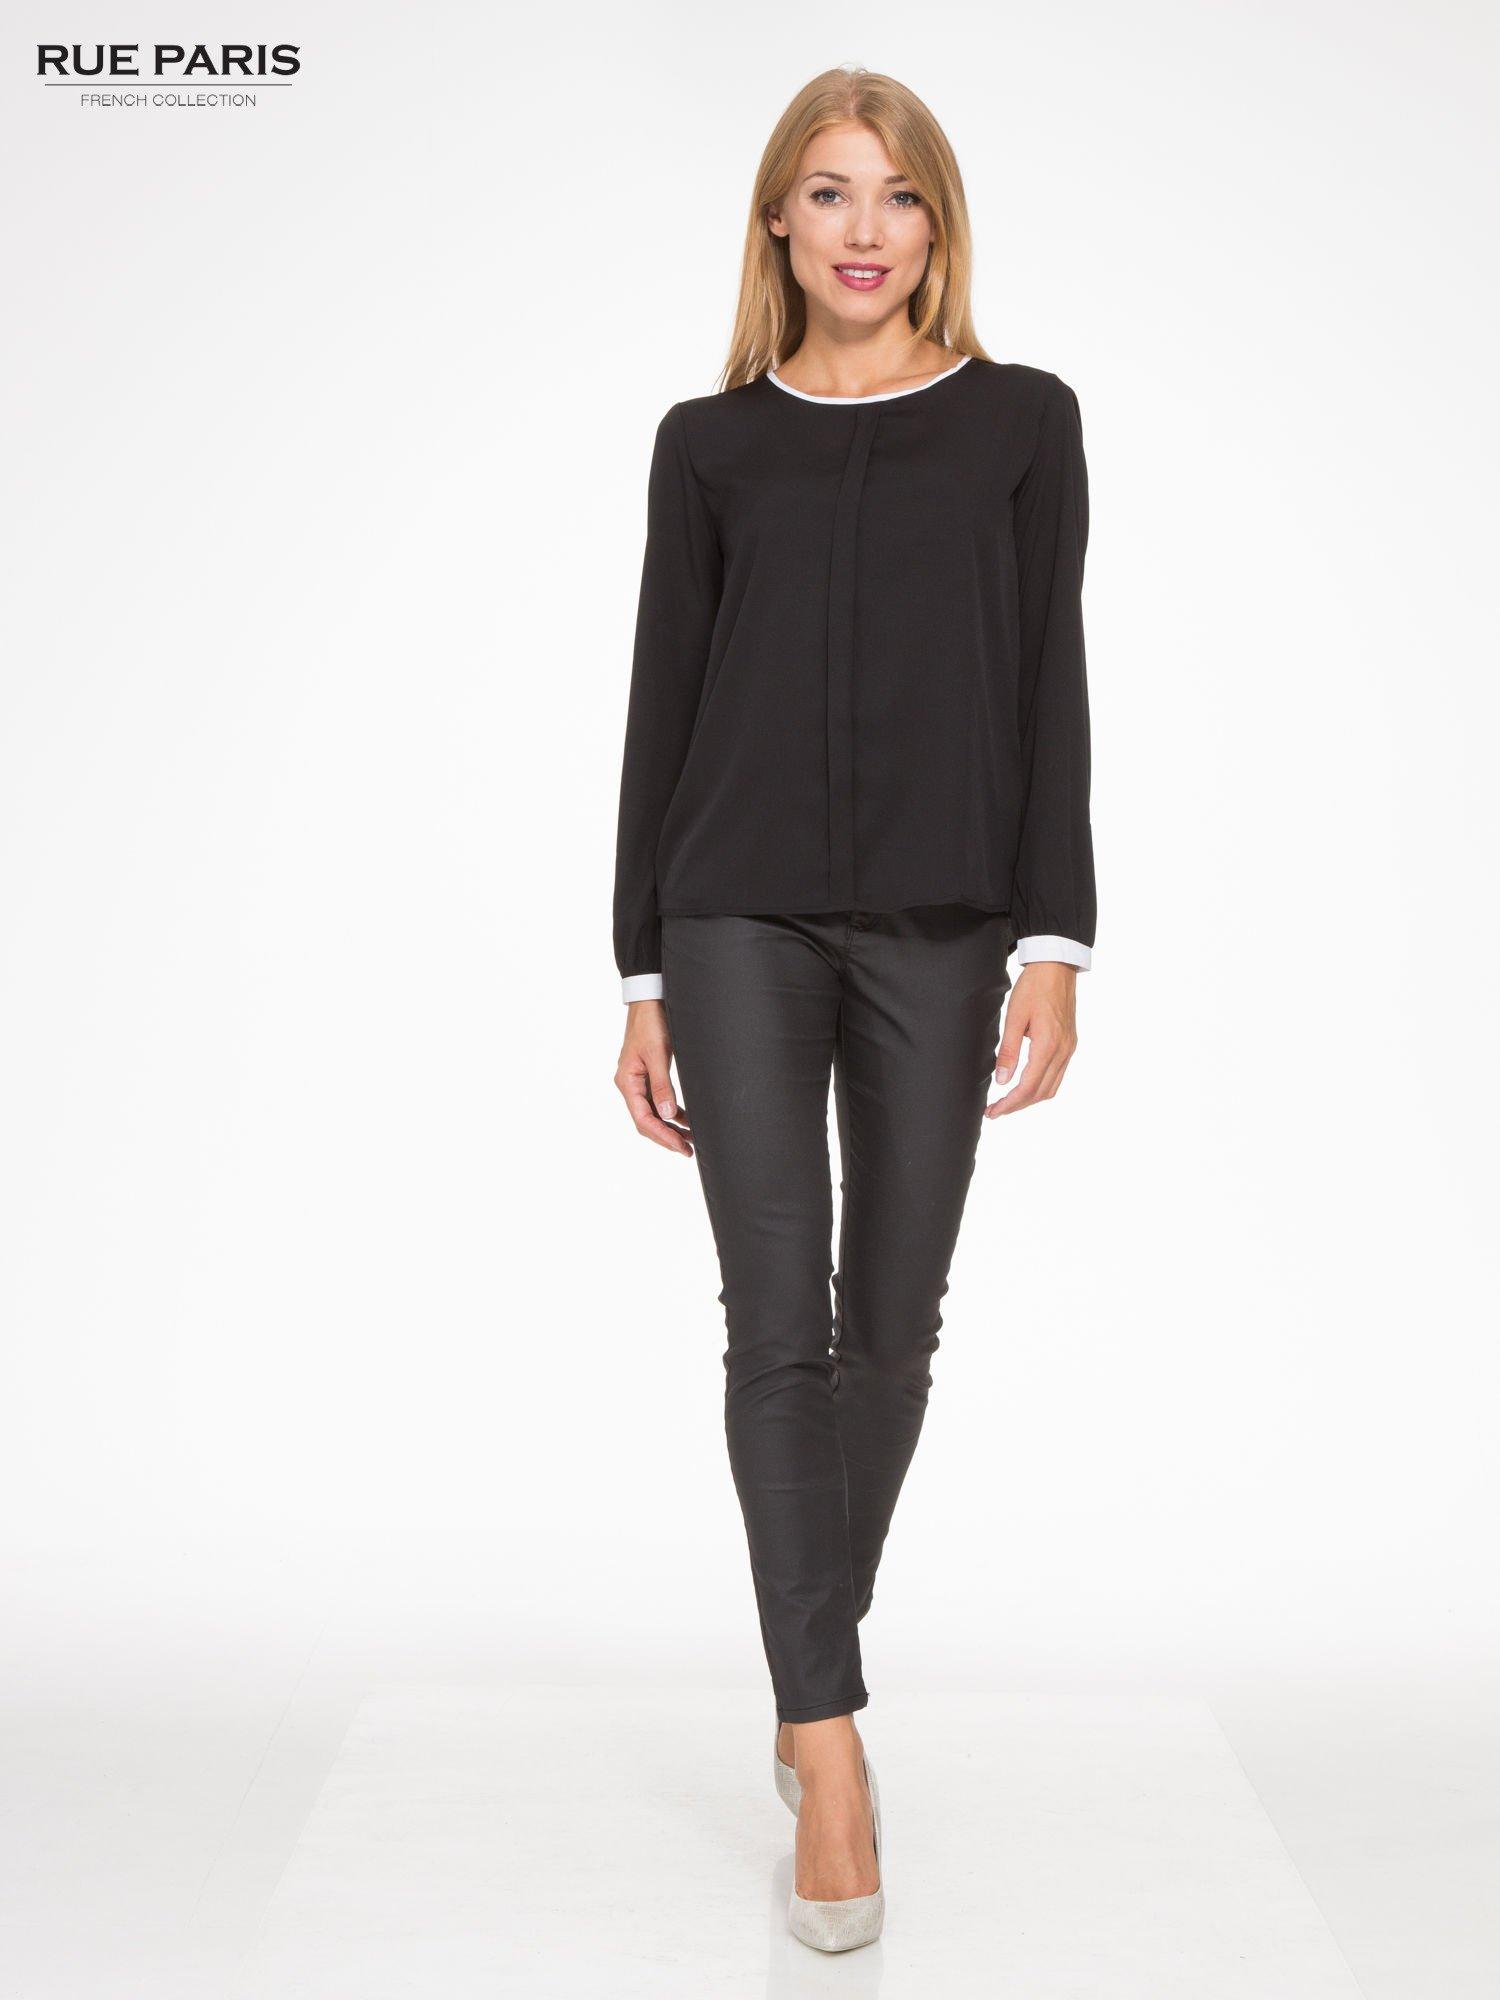 Czarna koszula z kontrastową lamówką przy dekolcie i mankietami                                  zdj.                                  2